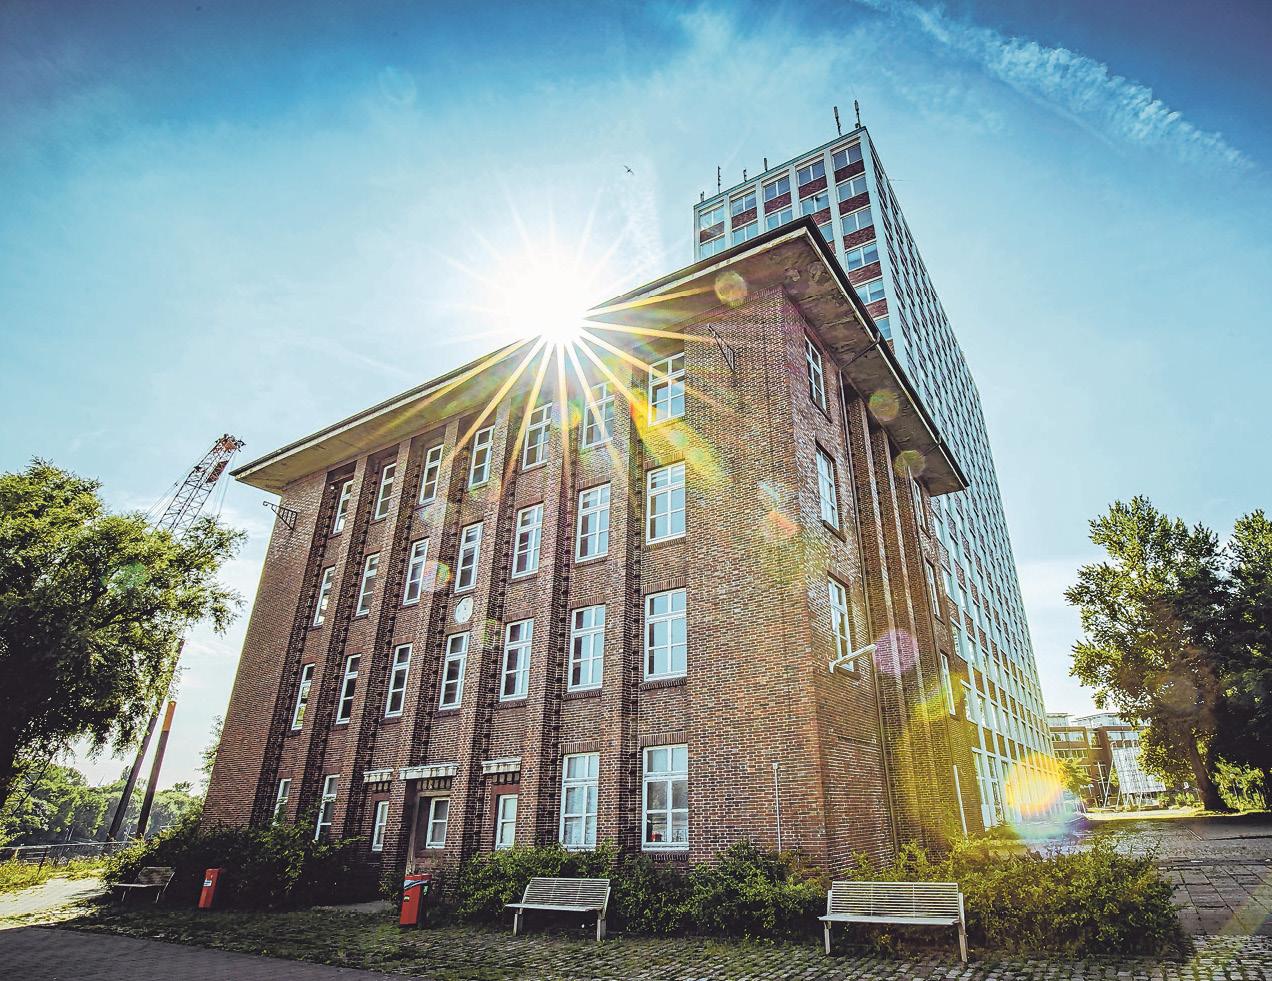 Dieses 100 Jahre alte Gebäude am Hochhaus bleibt erhalten und wird saniert.